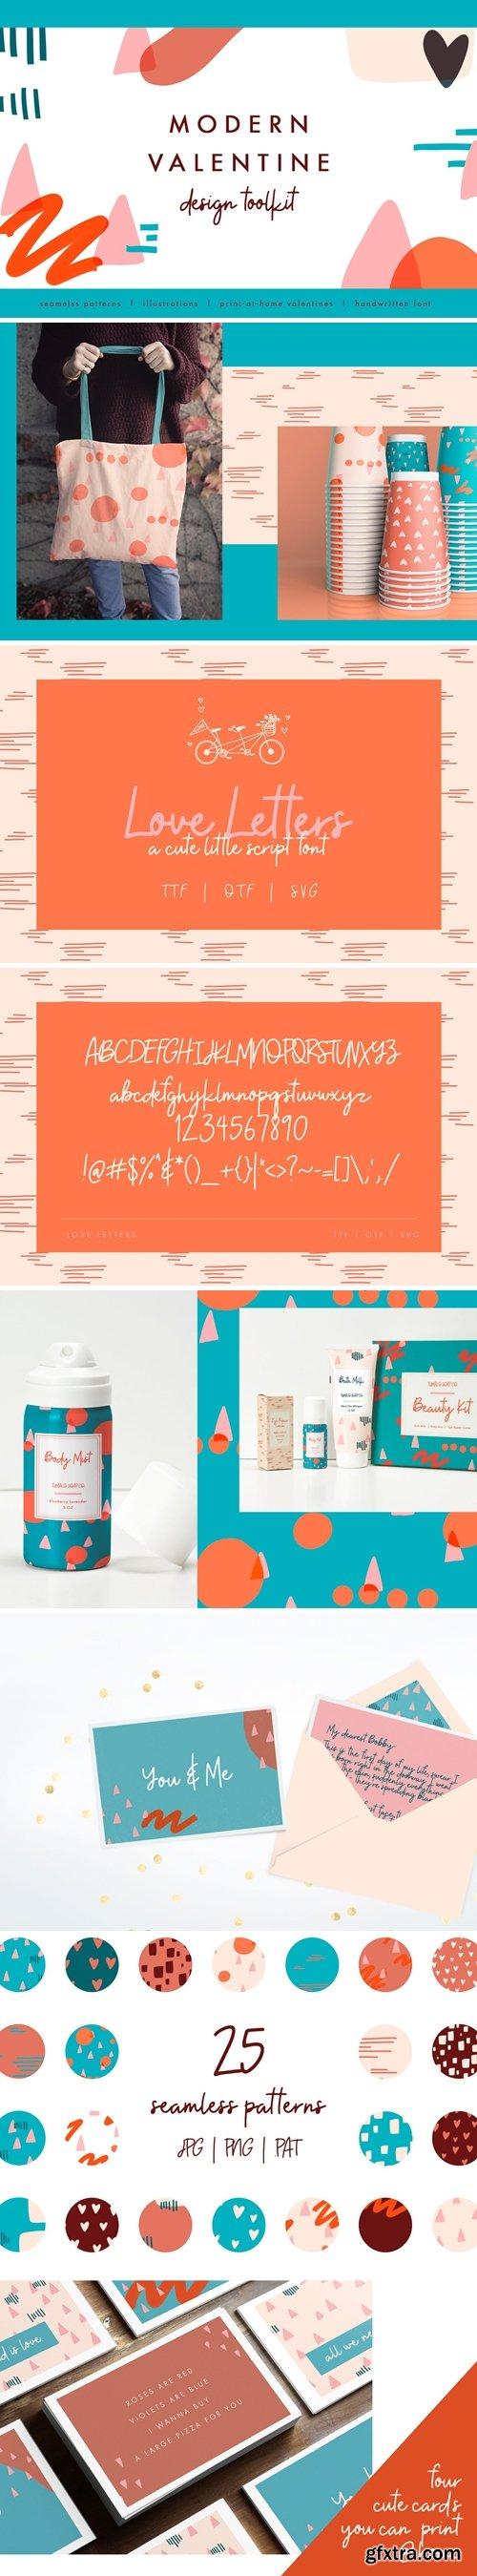 CM - Modern Valentine - Design Toolkit 3359357